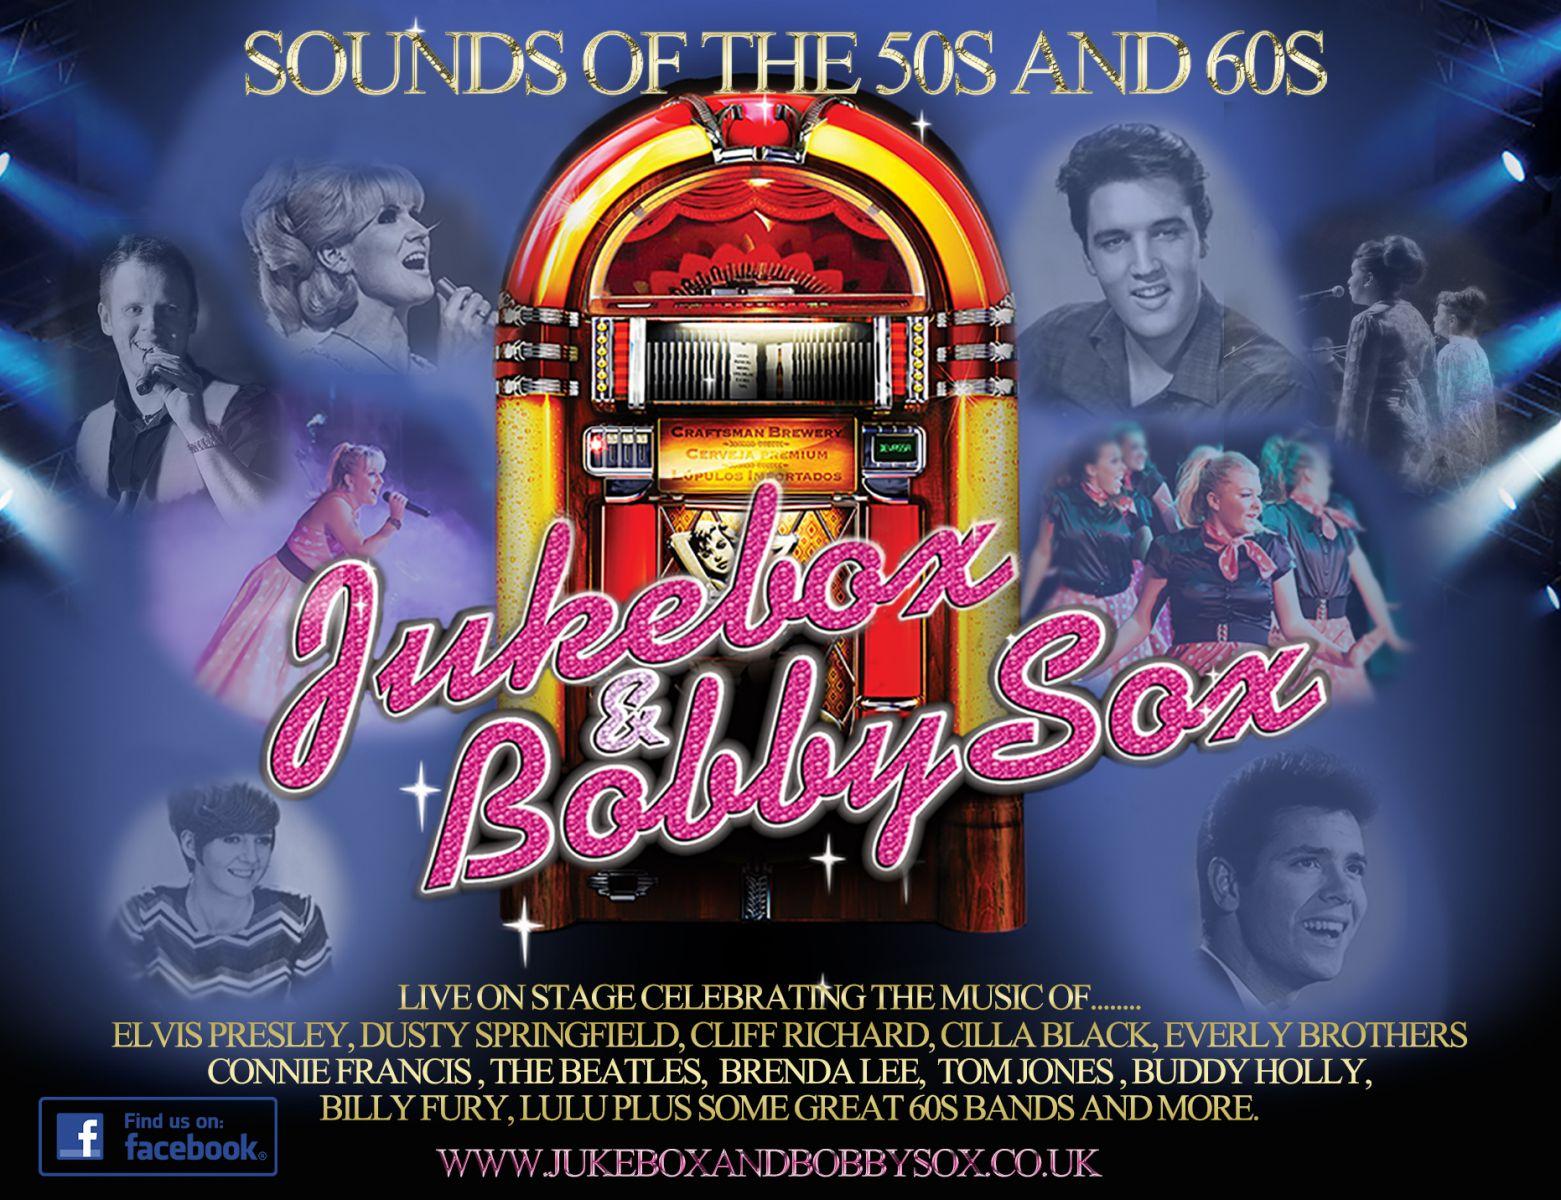 Jukebox & Bobbysox